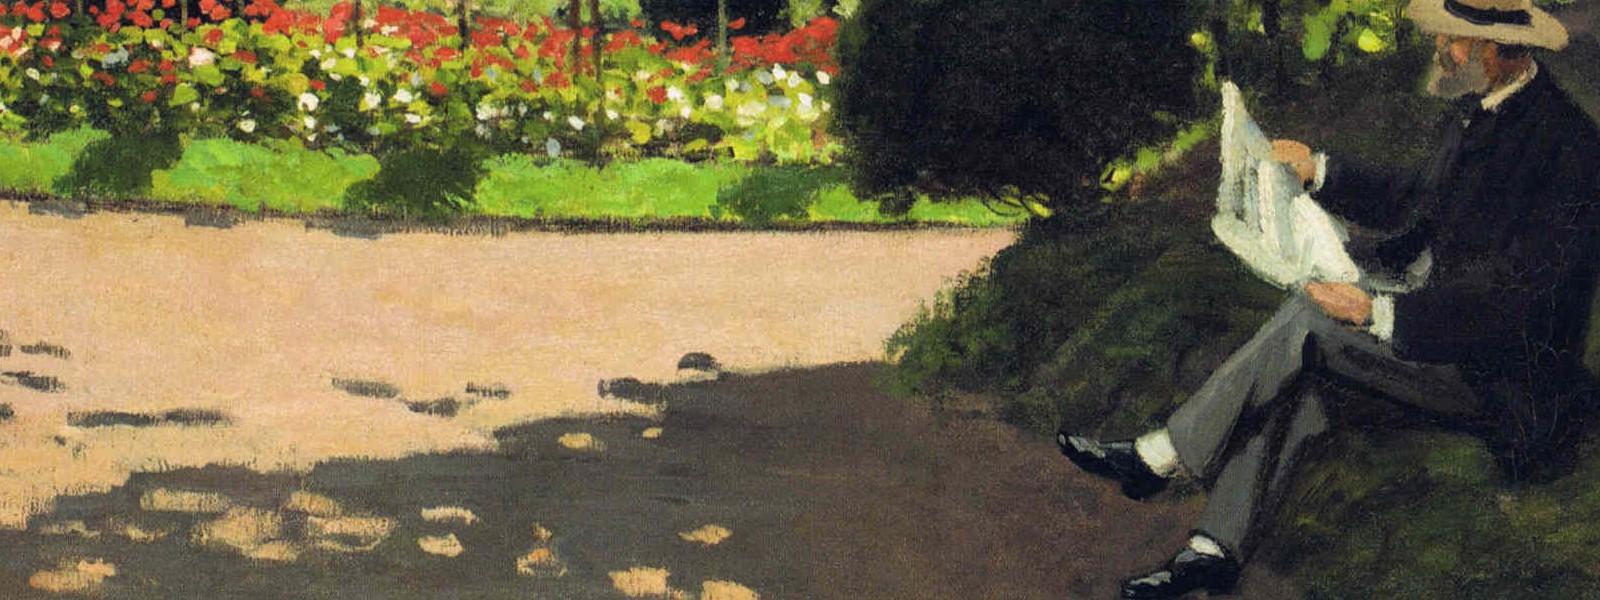 adolphe-monet-reading-in-the-garden1-e1420780064207.jpg